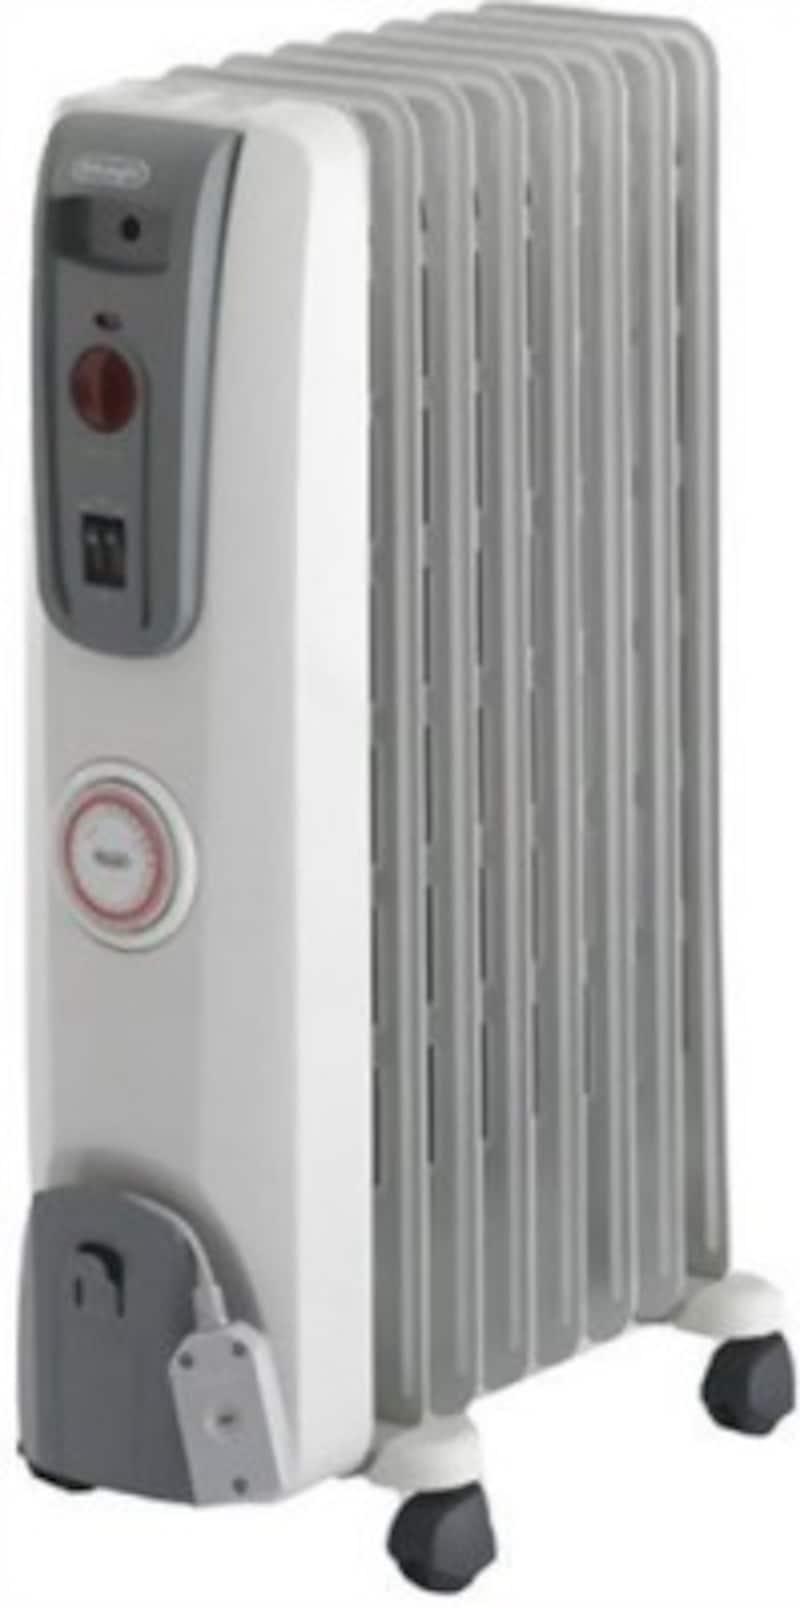 部屋全体を温める暖房器具:オイルヒーター